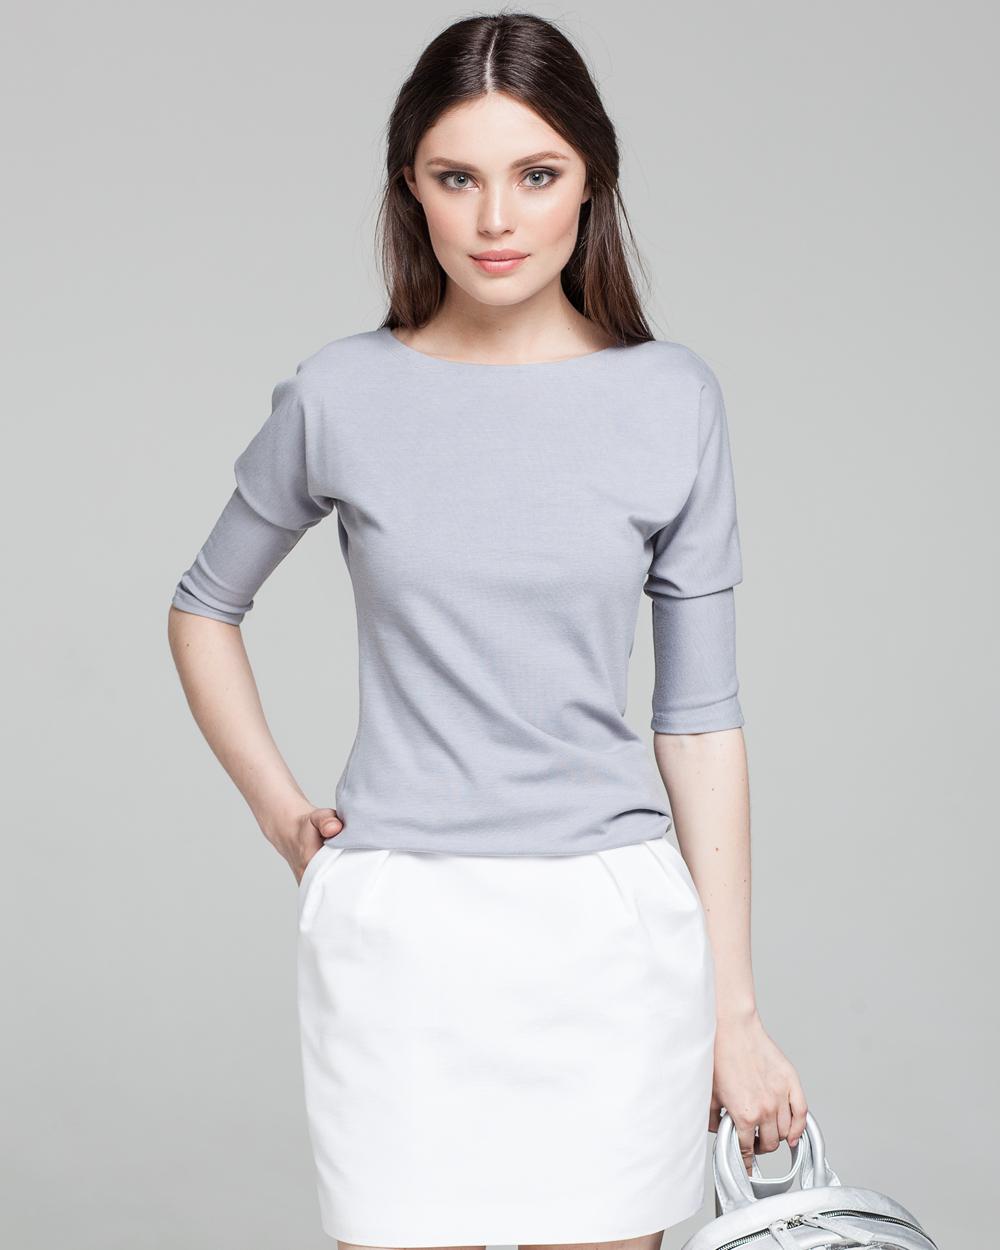 Блузка С V Образным Вырезом В Омске